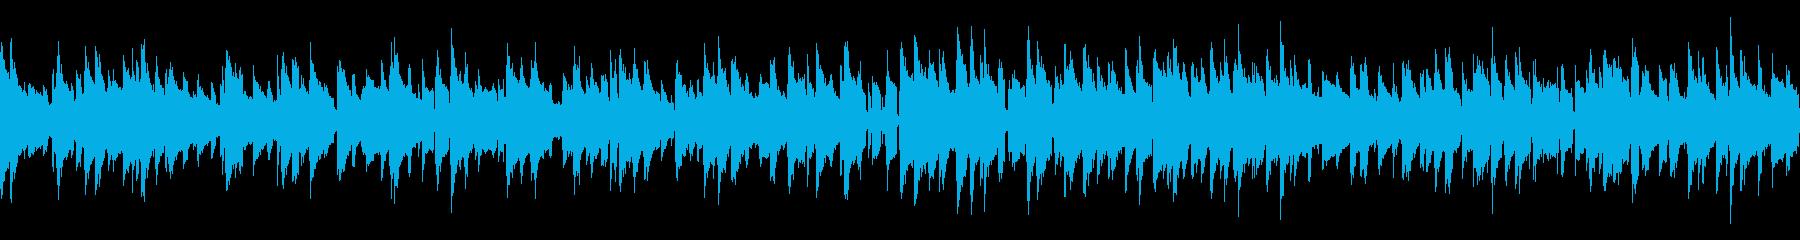 ループ 優しいバラードジャズの再生済みの波形